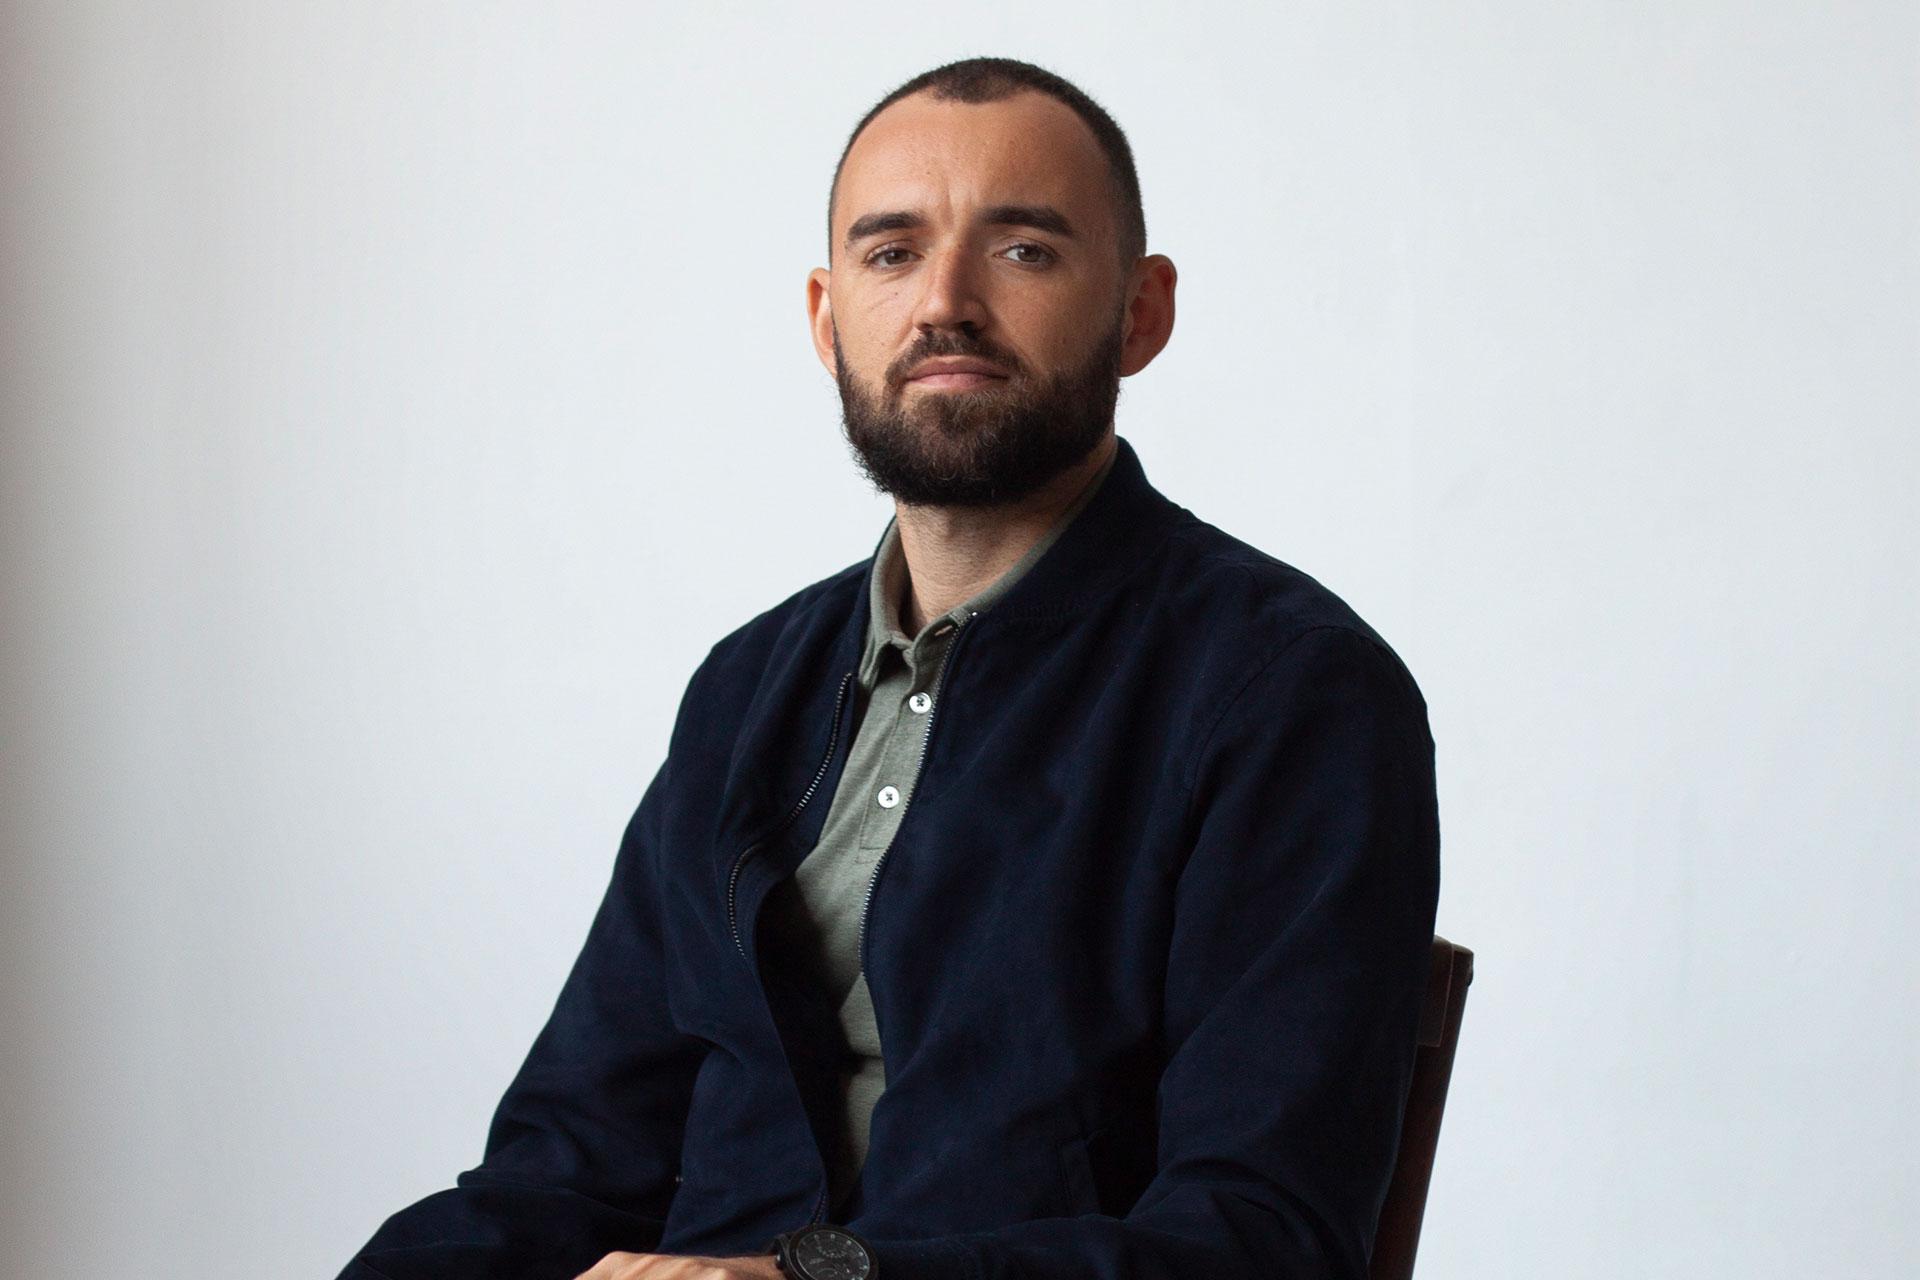 Максим Капелевич, основатель и генеральный директор агентства по управлению репутацией Tesla Reputation